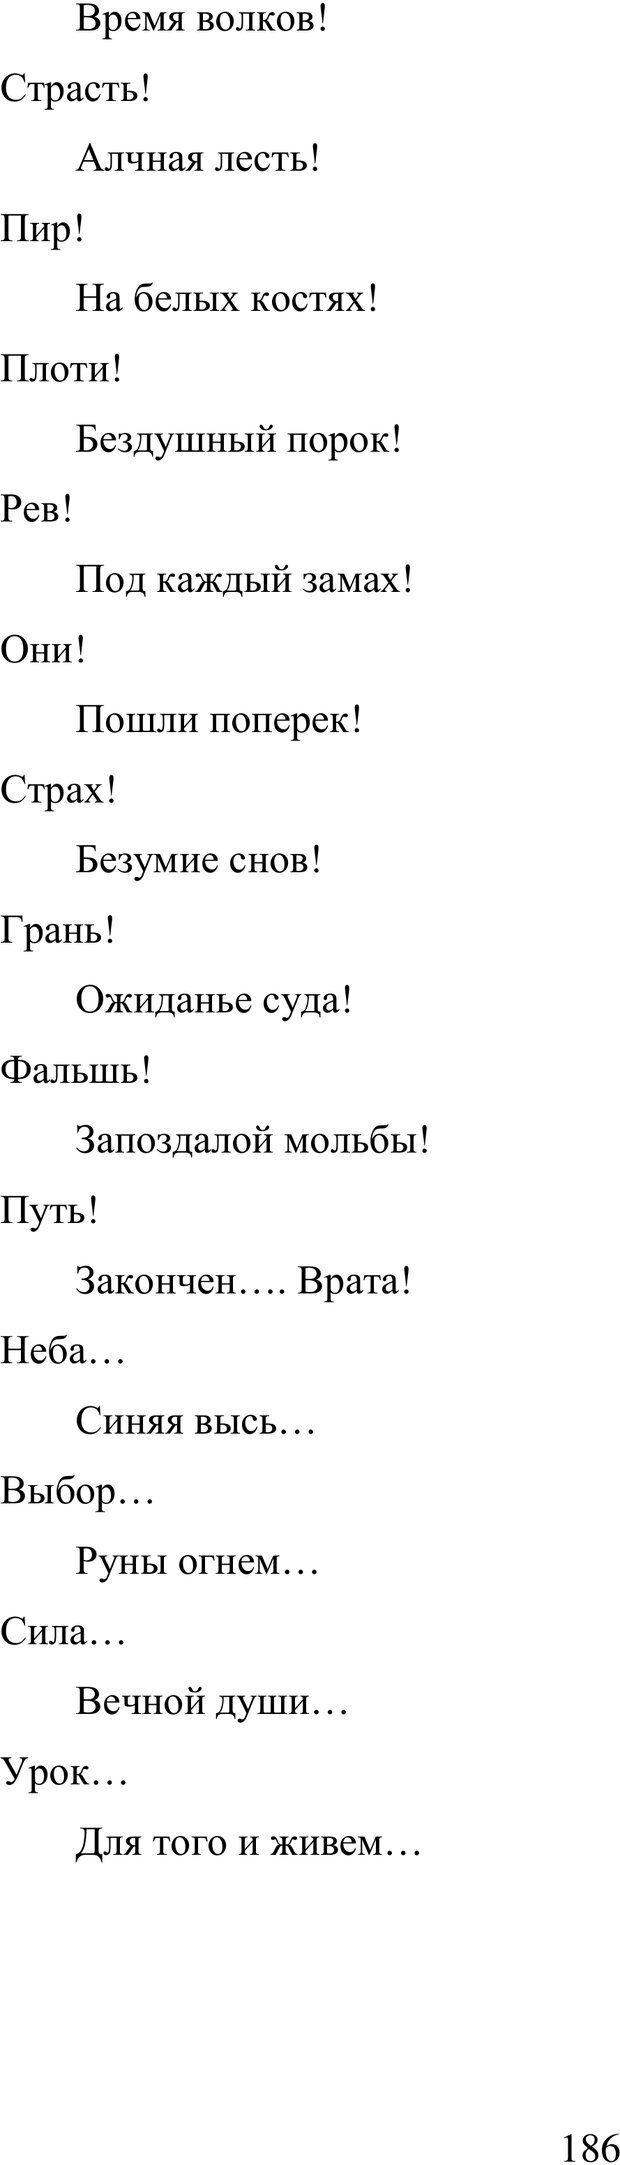 PDF. Исповедь странного человека. Самылов А. Л. Страница 181. Читать онлайн